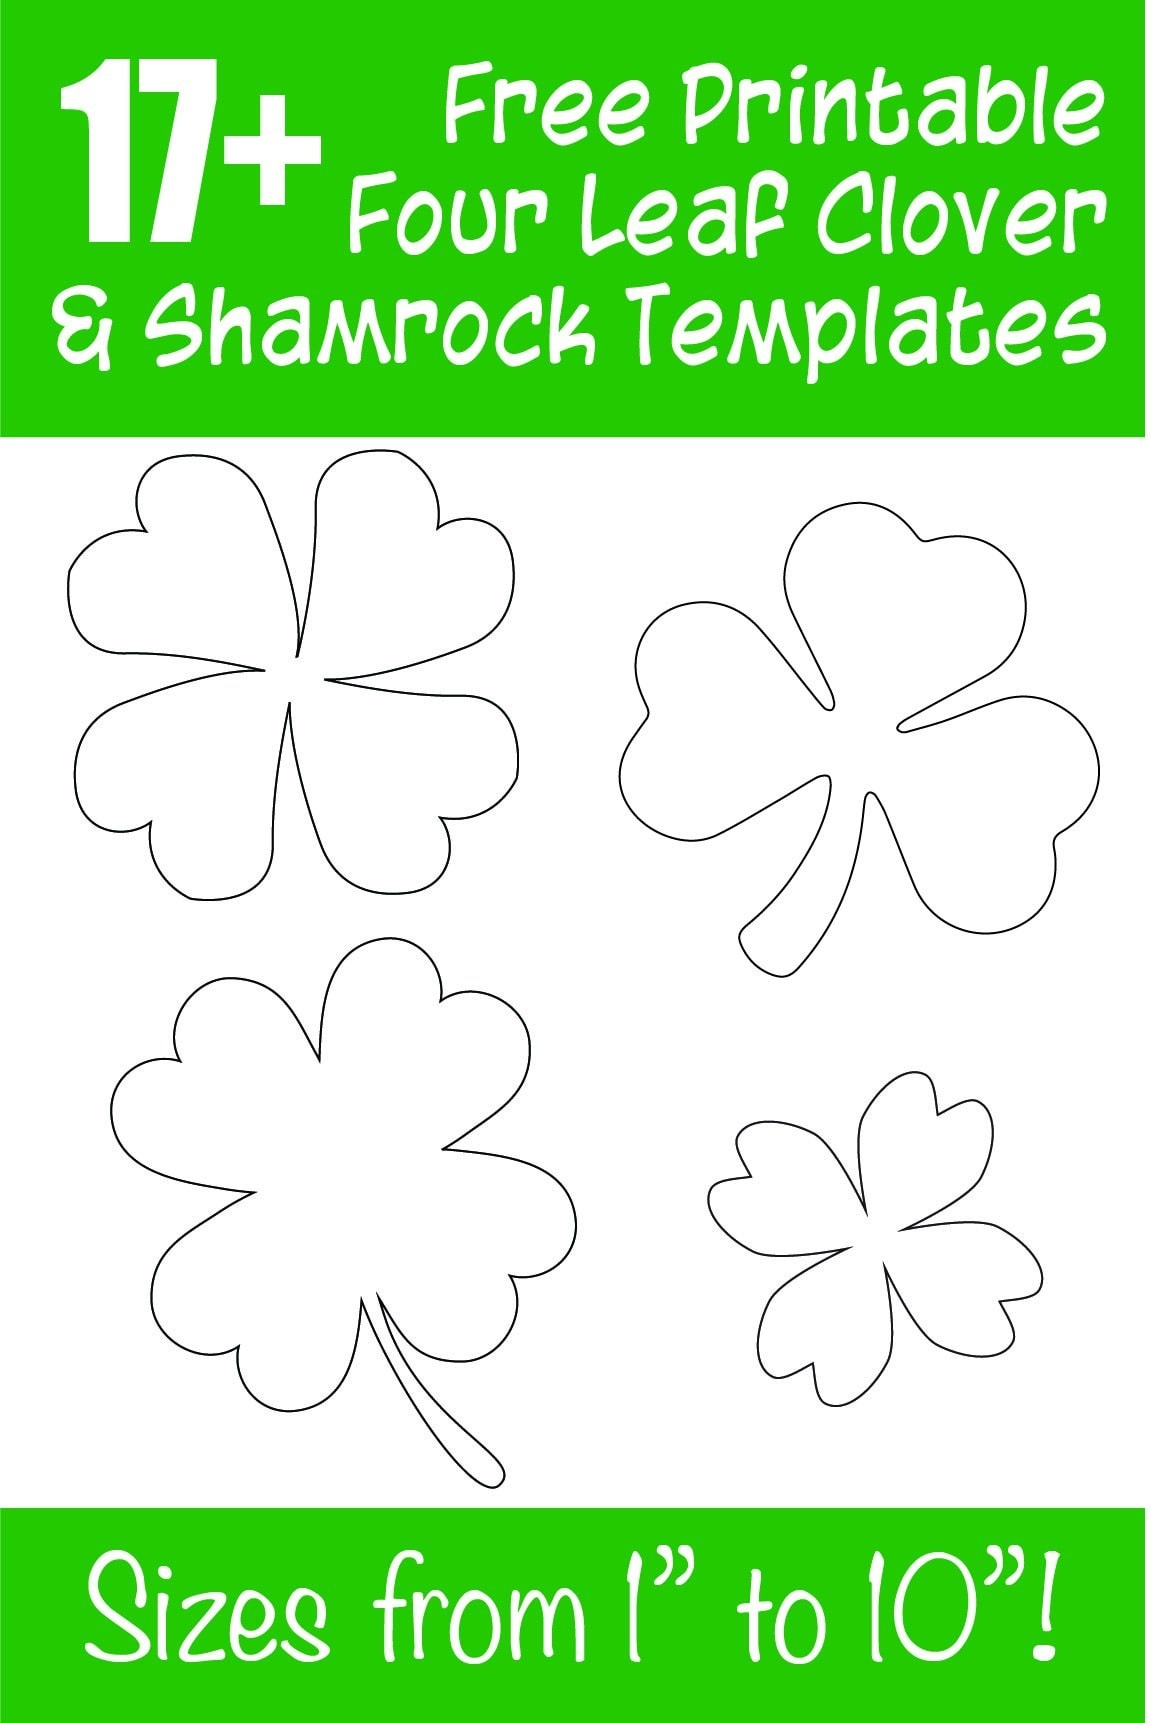 17+ Free Printable Four Leaf Clover & Shamrock Templates - The - Shamrock Template Free Printable